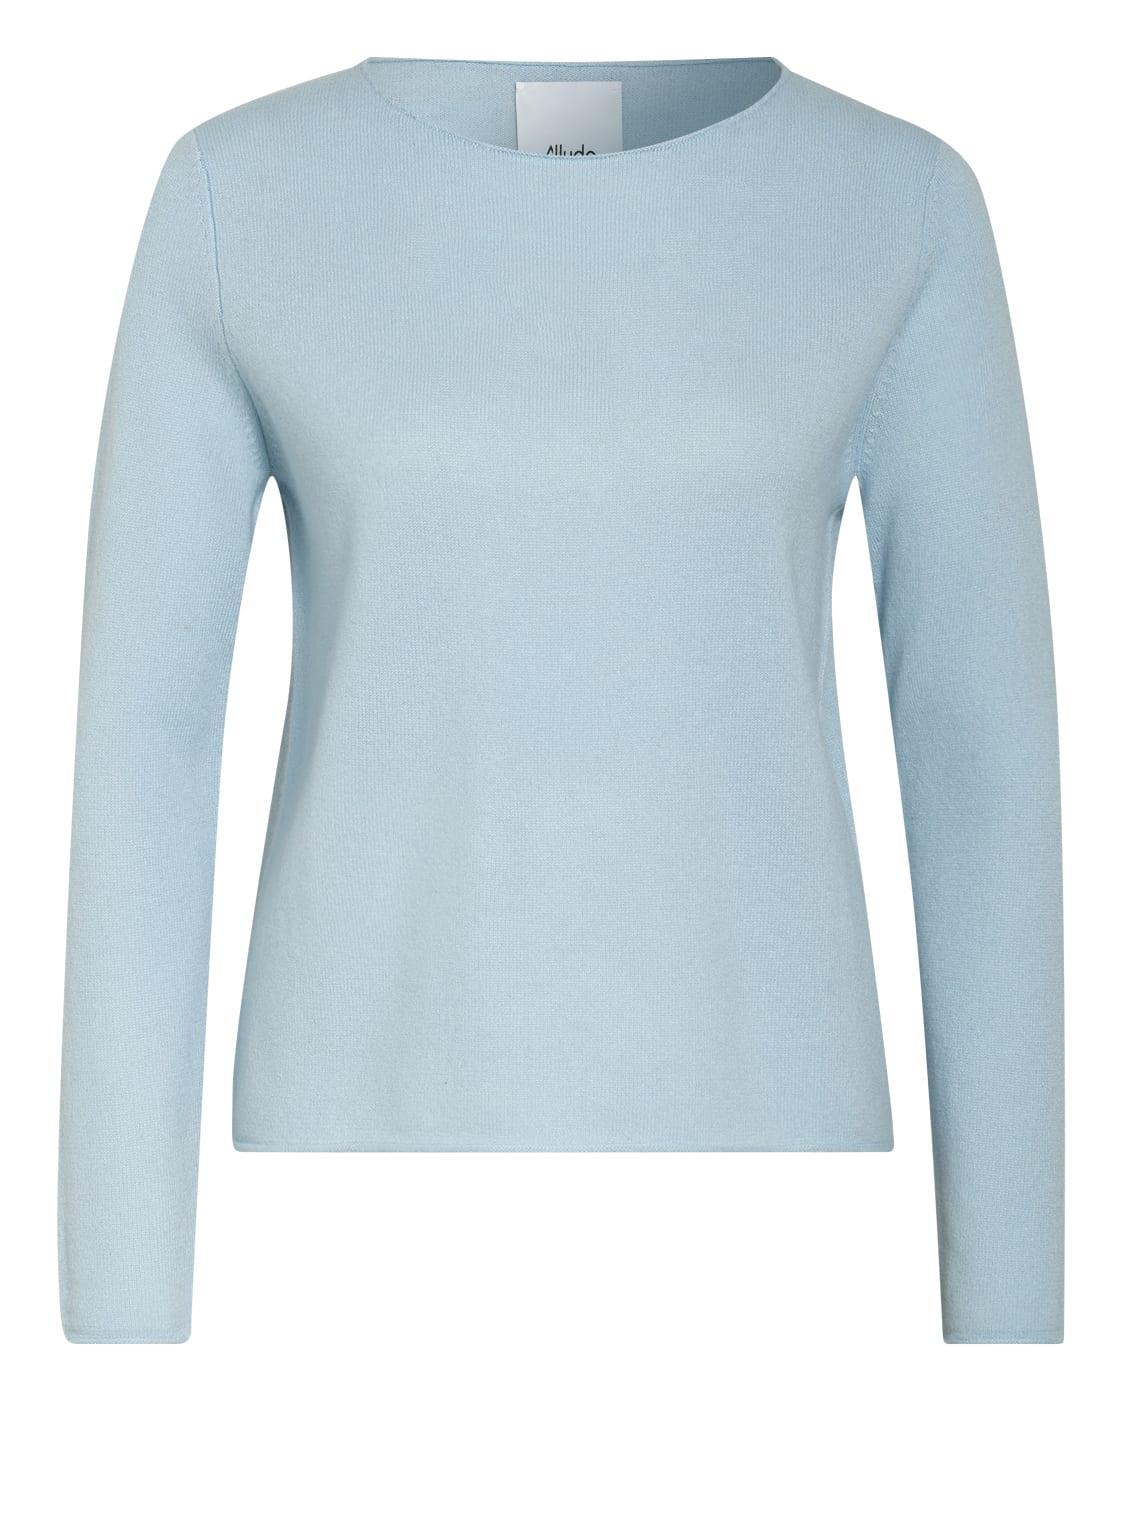 Image of Allude Cashmere-Pullover blau